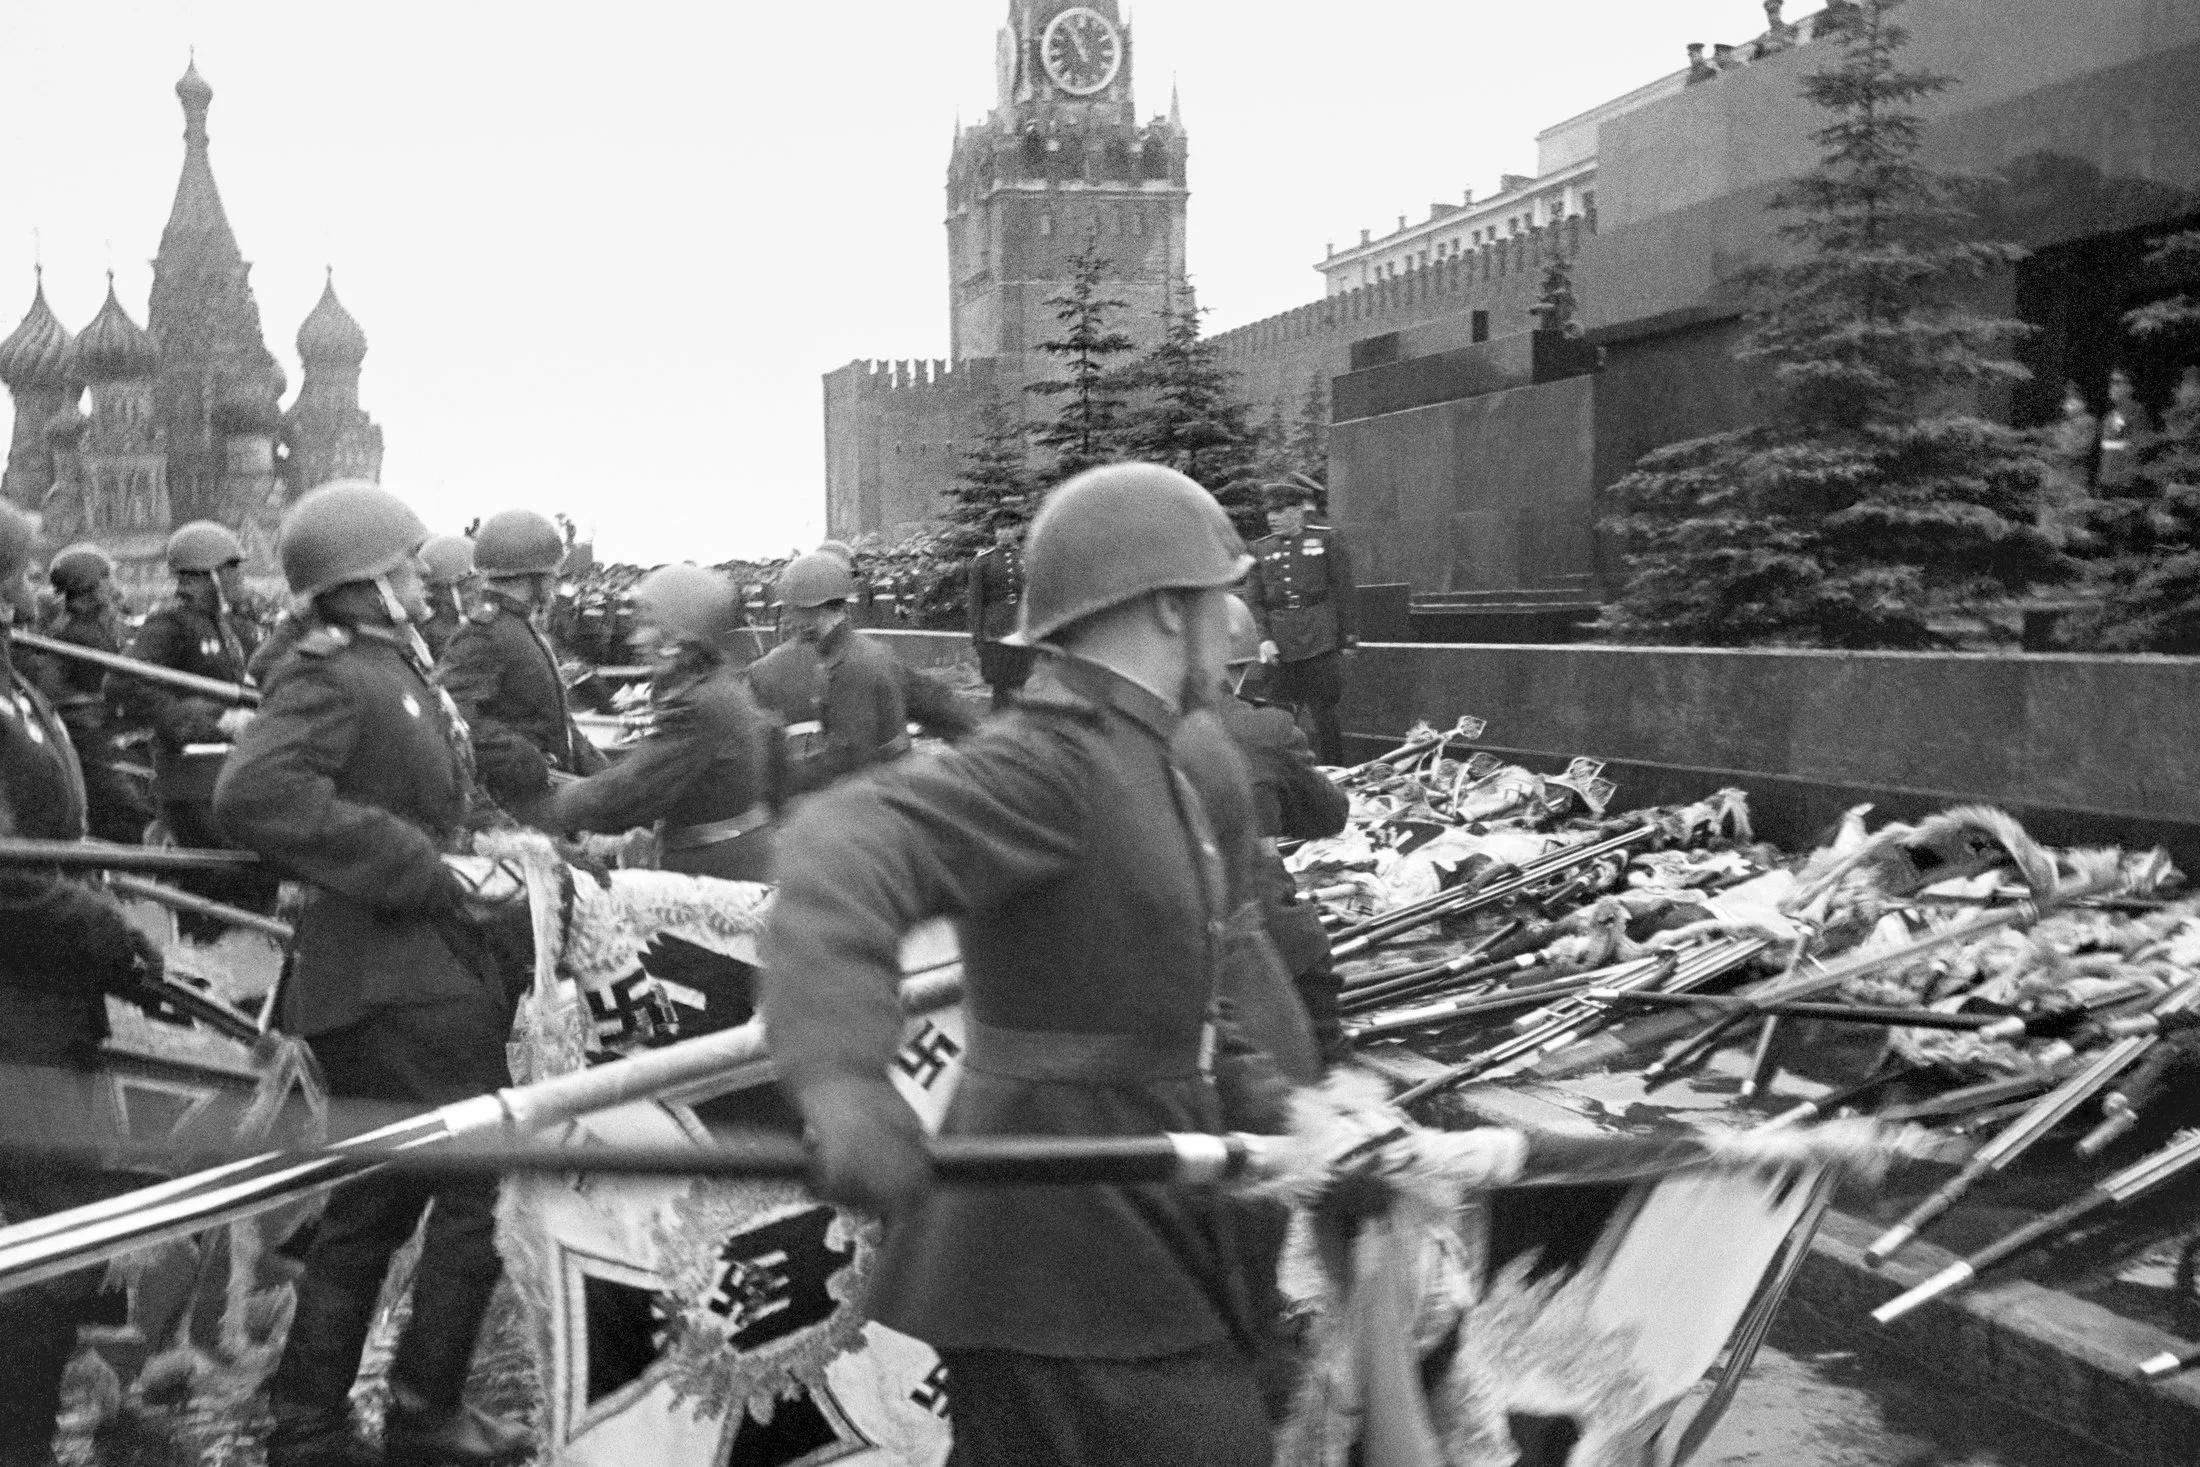 Парад Победы 1945 г. К подножью Мавзолея бросаются знамёна фашистской Германии